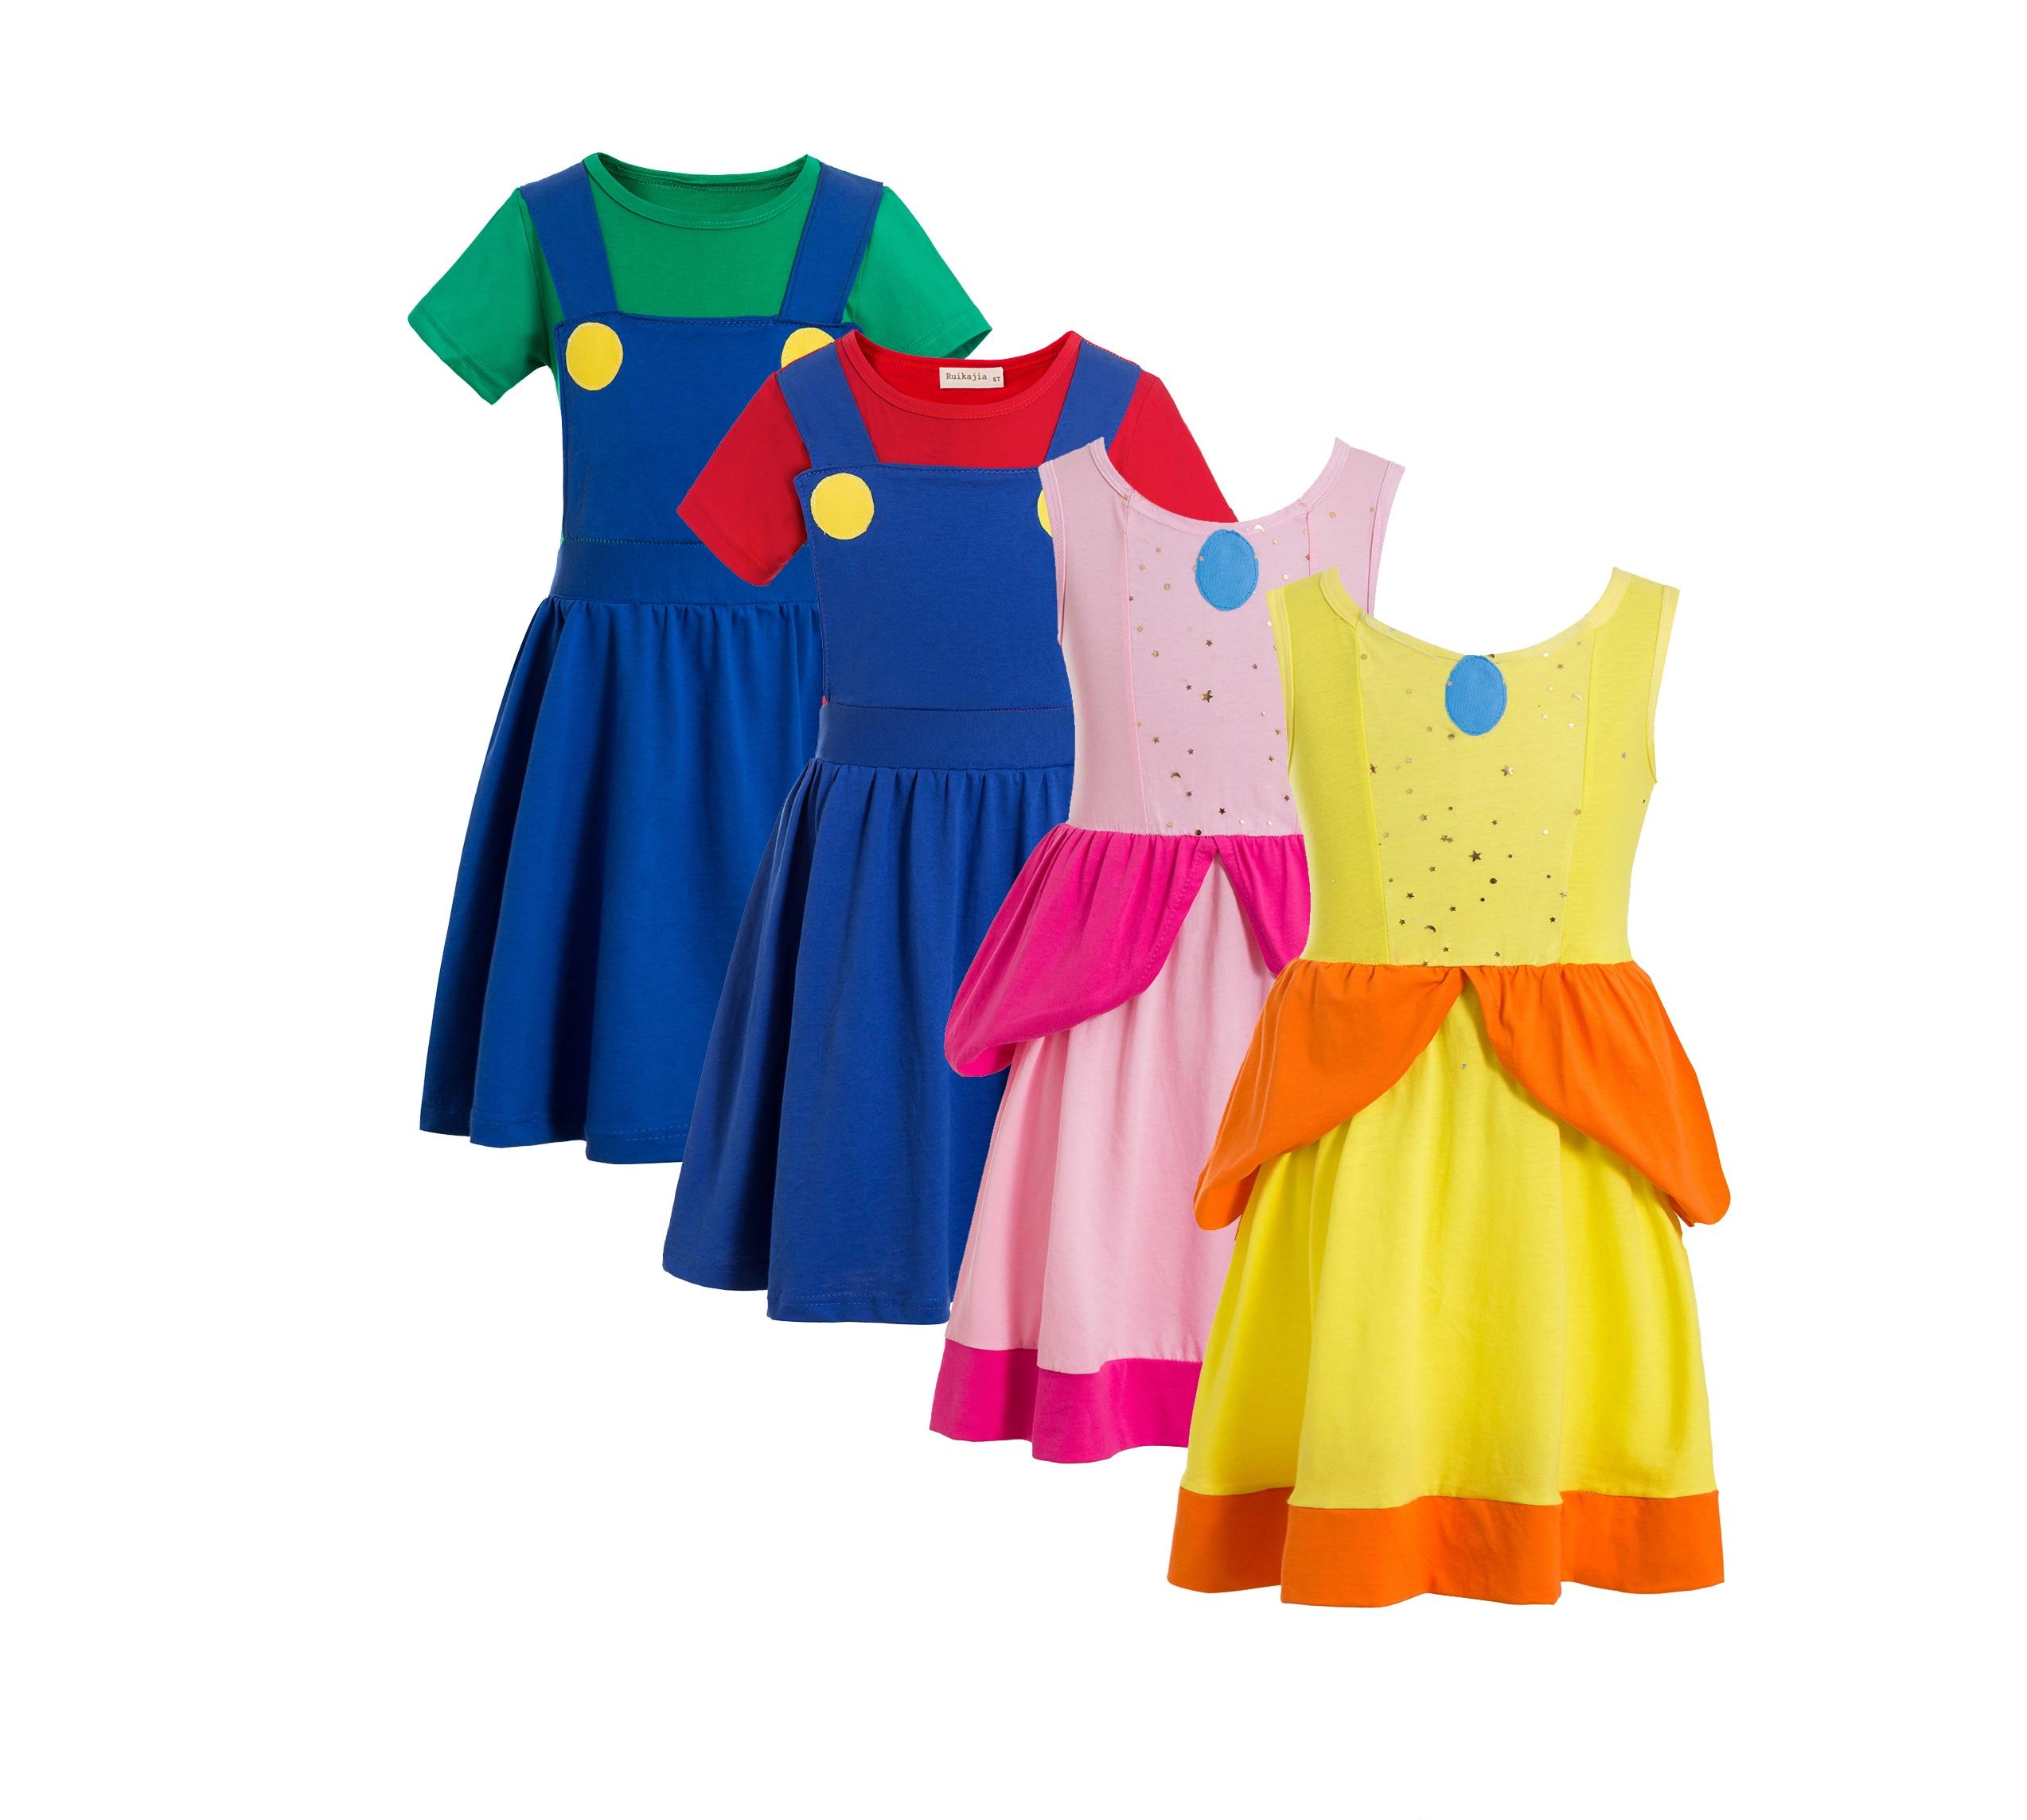 Принцесса Персик классический костюм для девочек Супер Братья Хэллоуин Дети Косплей Костюм братья